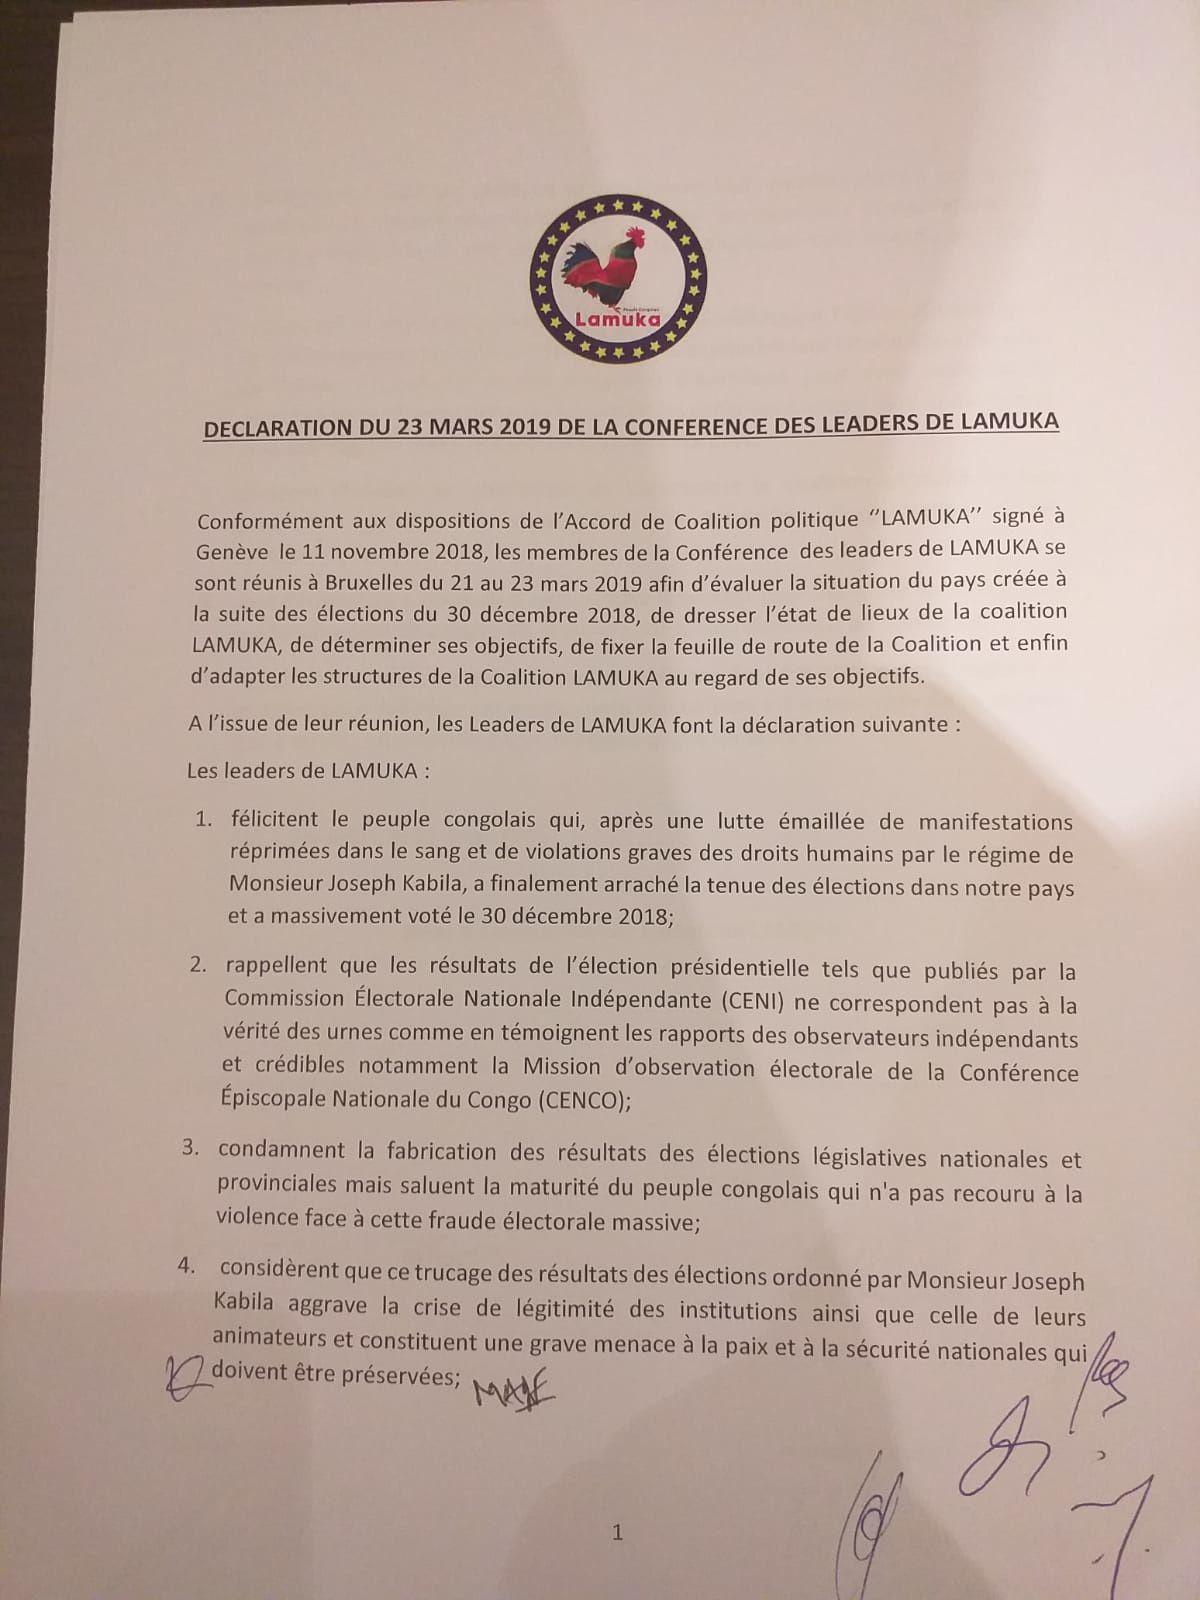 LAMUKA à Bruxelles: «Les résultats de la présidentielle congolaise par la CENI ne correspondent pas à la vérité des urnes»